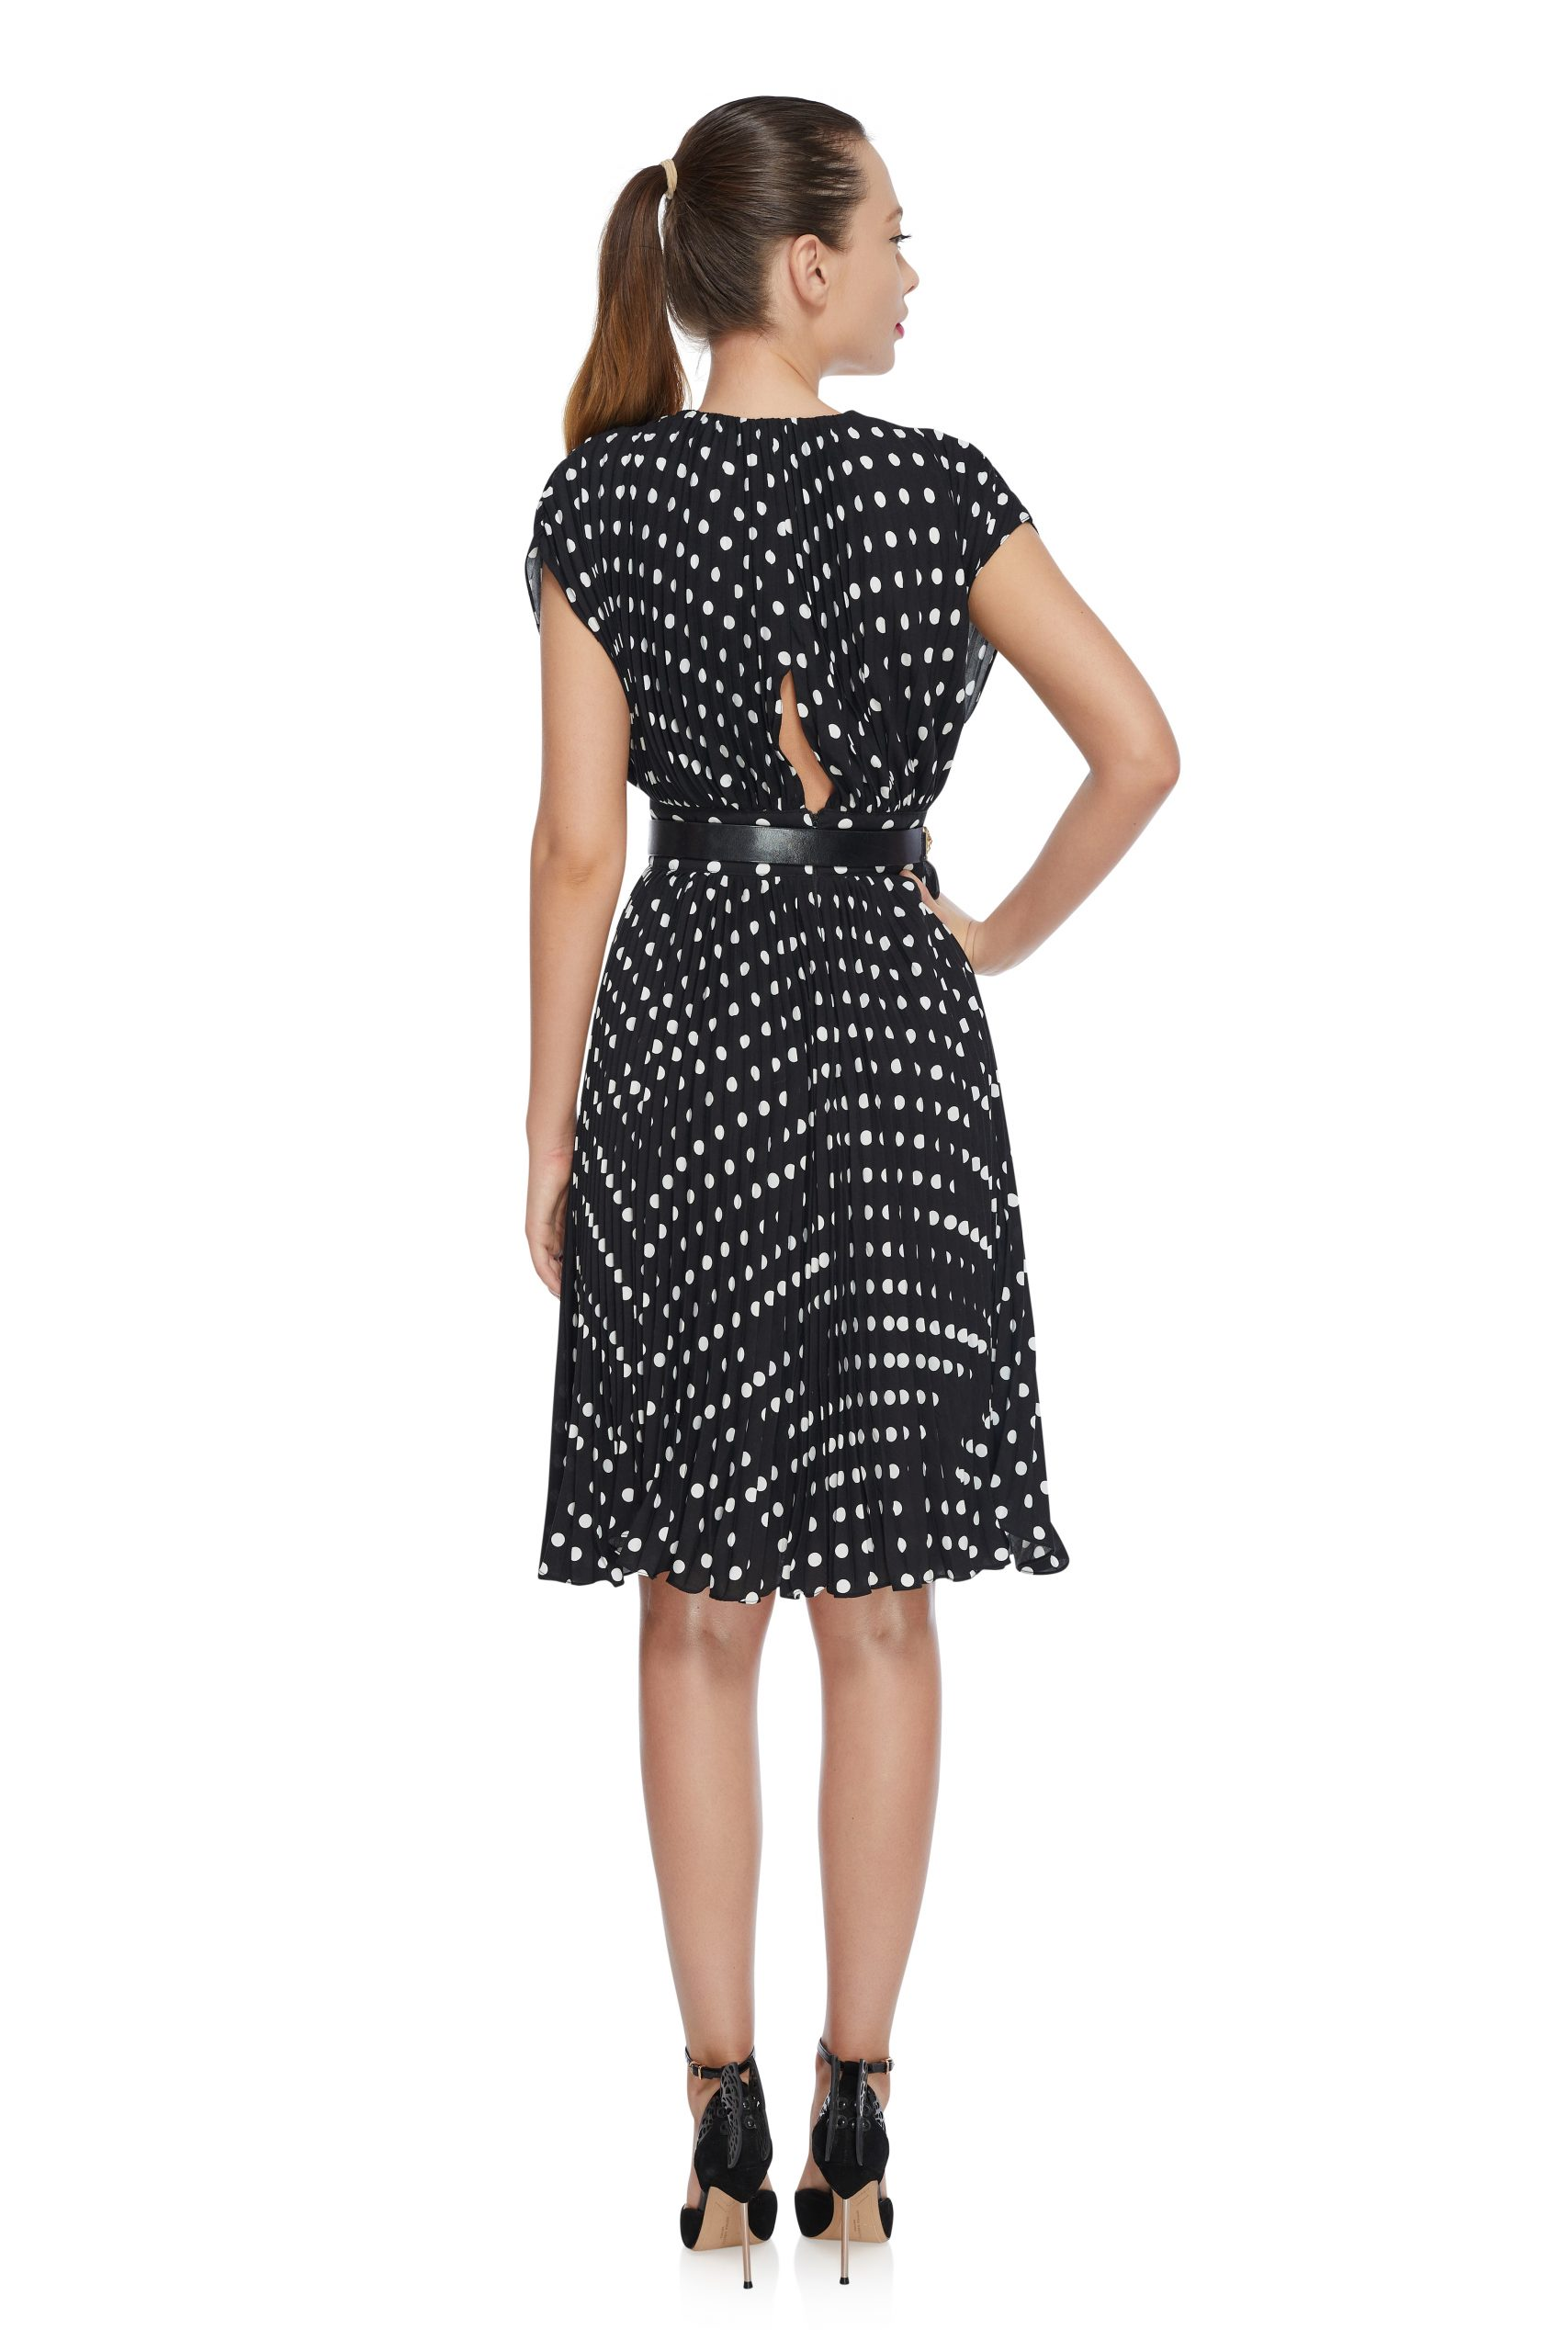 Pleated polka dots dress